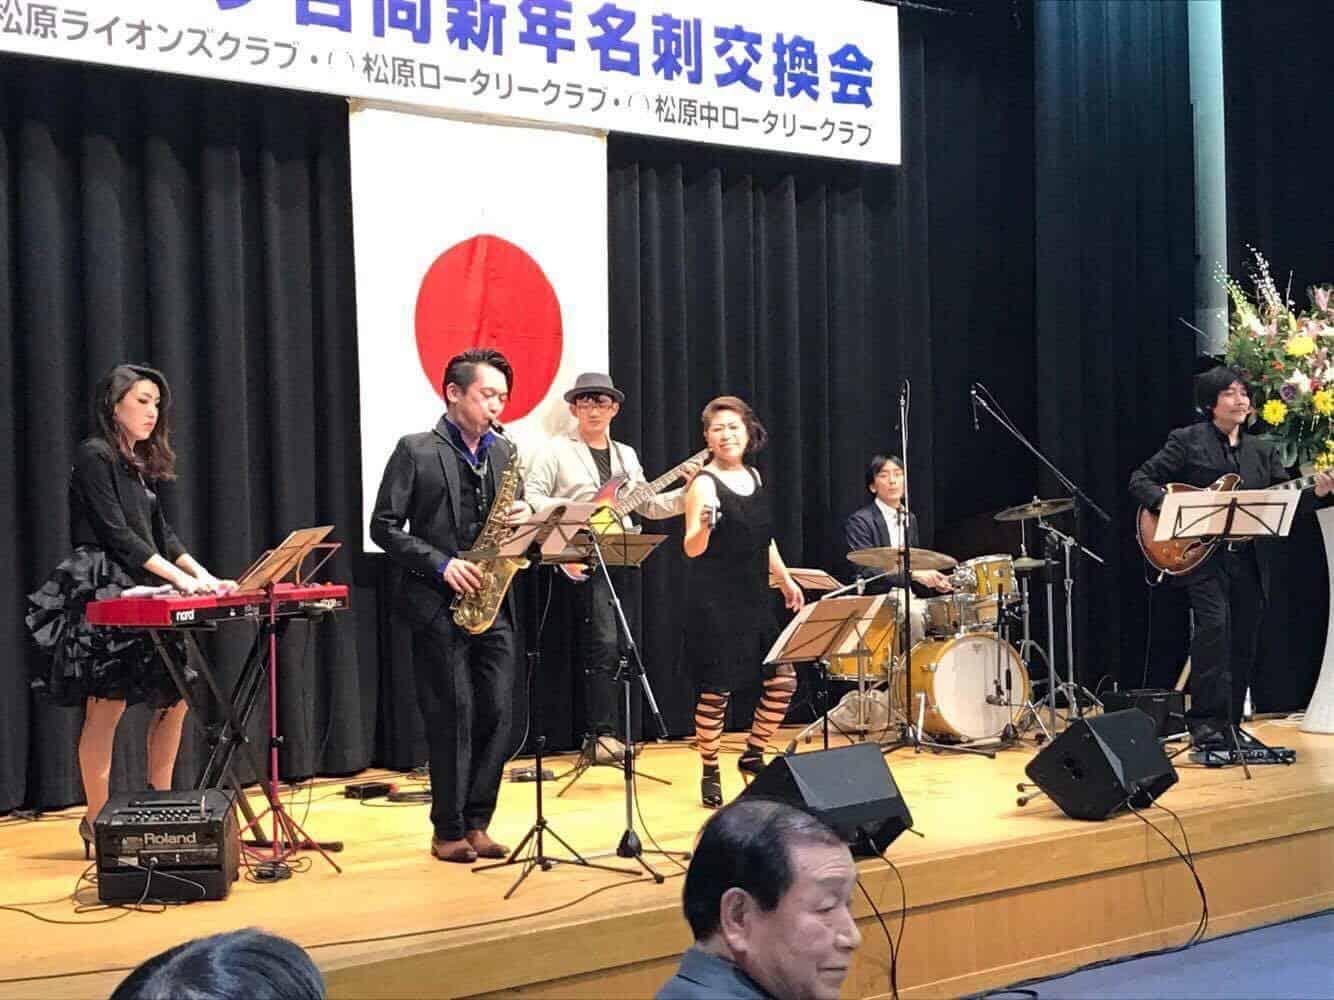 松原商工会議所にてライオンズクラブ・ロータリークラブの互礼会演奏でした。